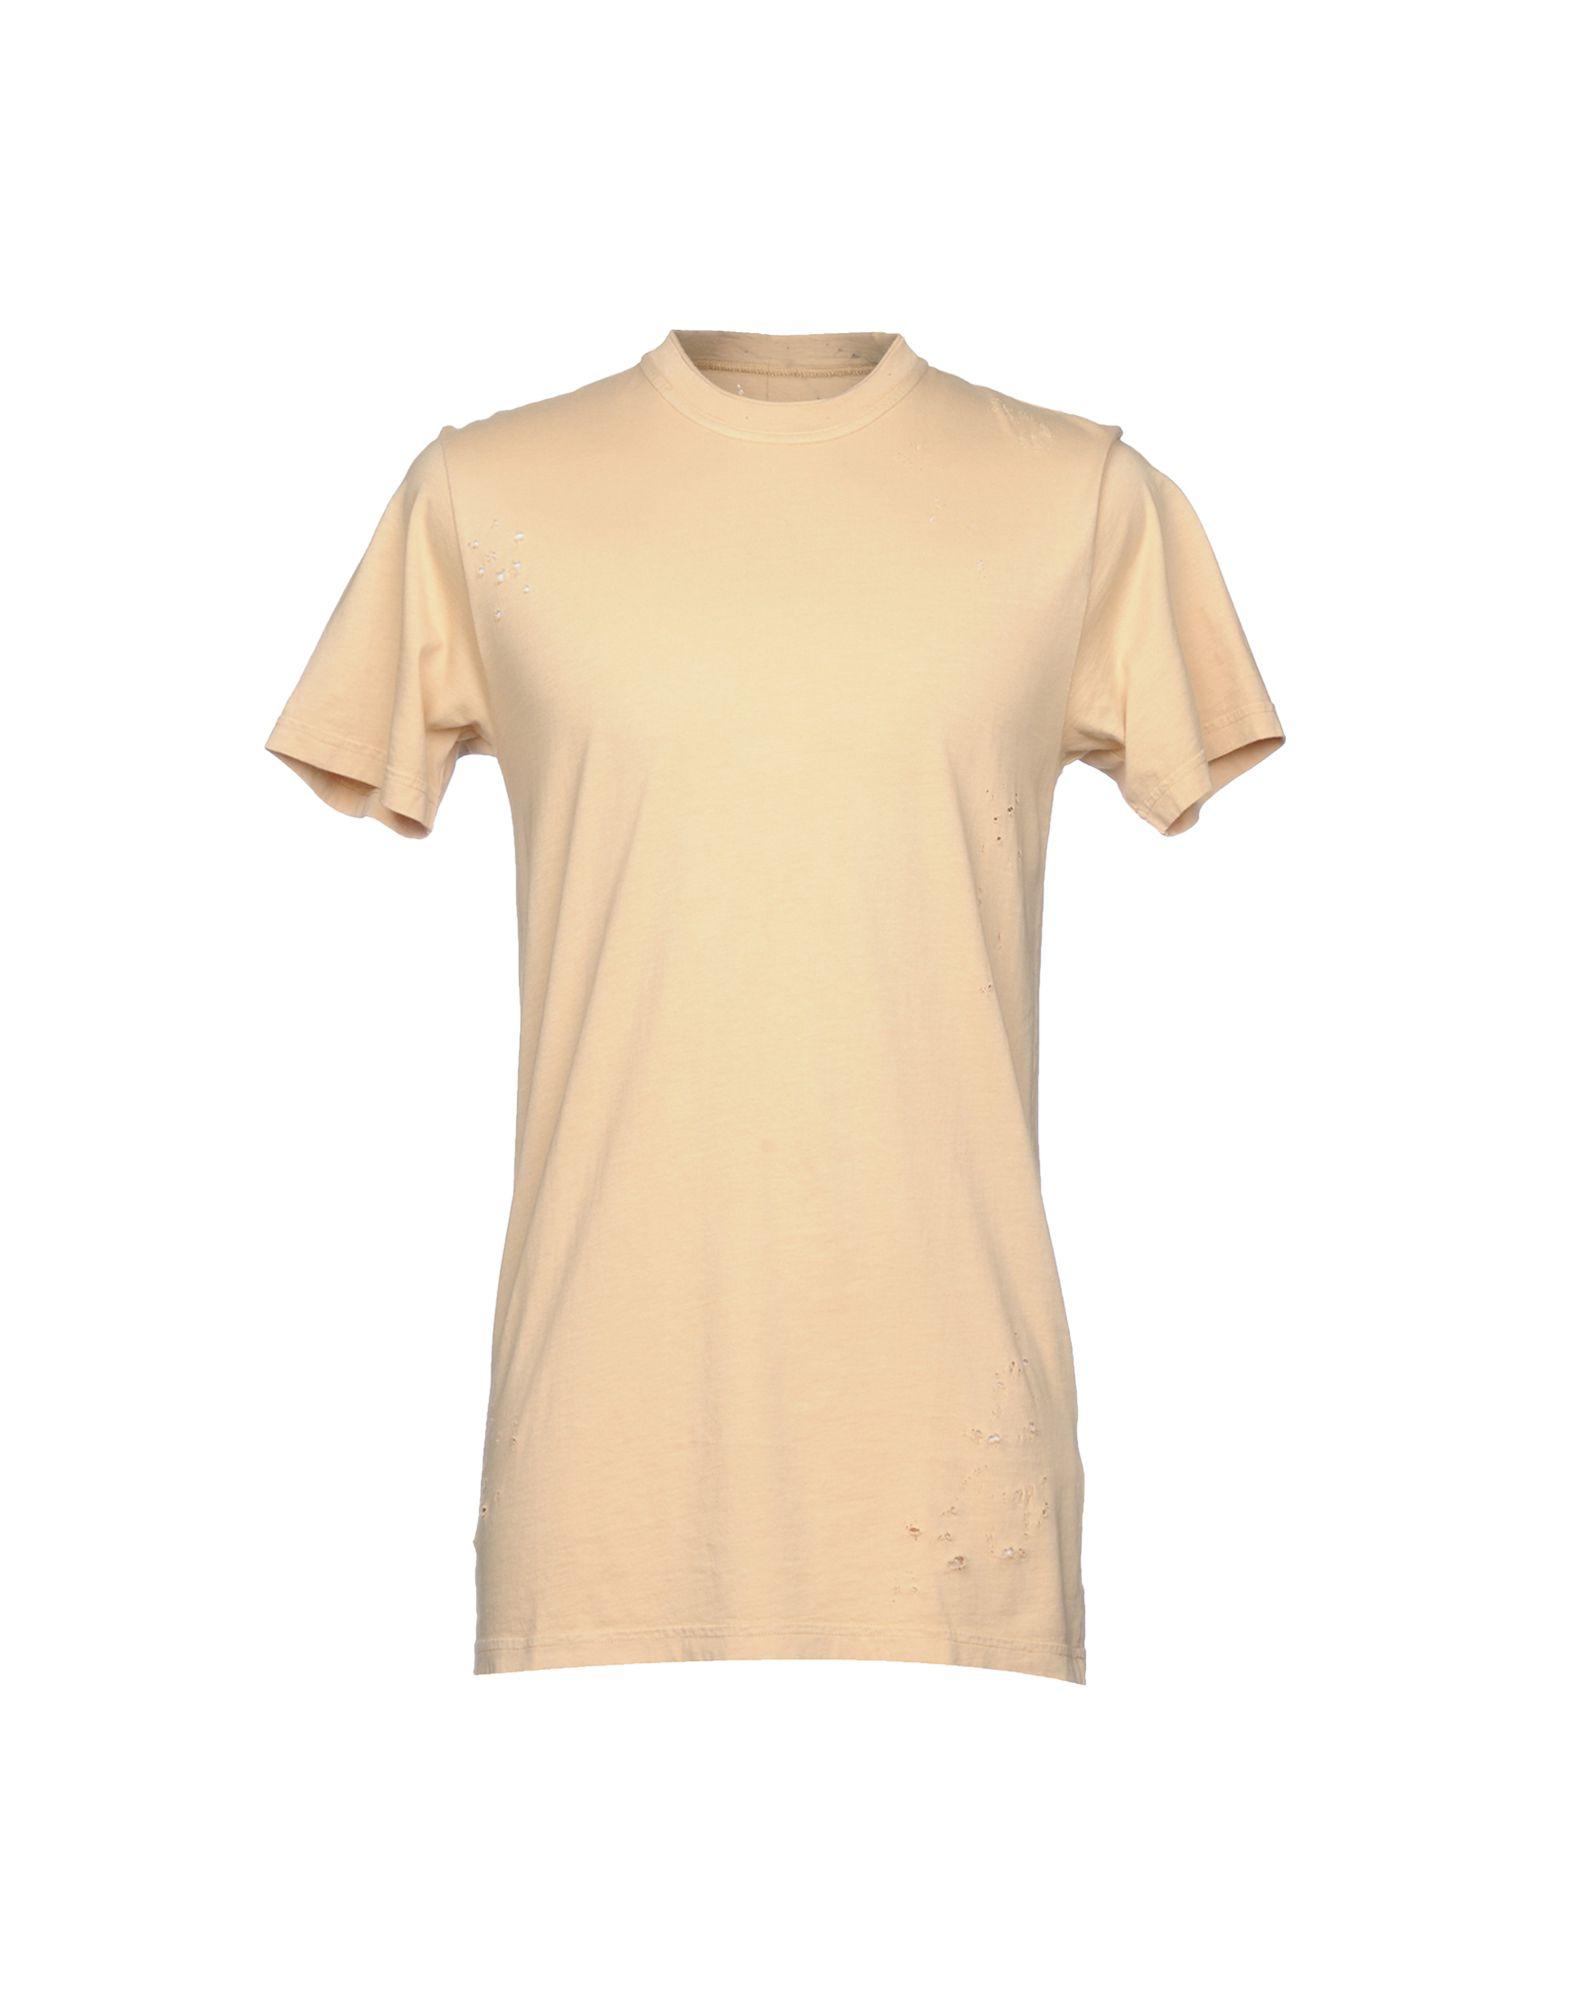 A buon mercato A buon mercato T-Shirt T-Shirt T-Shirt Ring Uomo - 12137529SR 4ee494